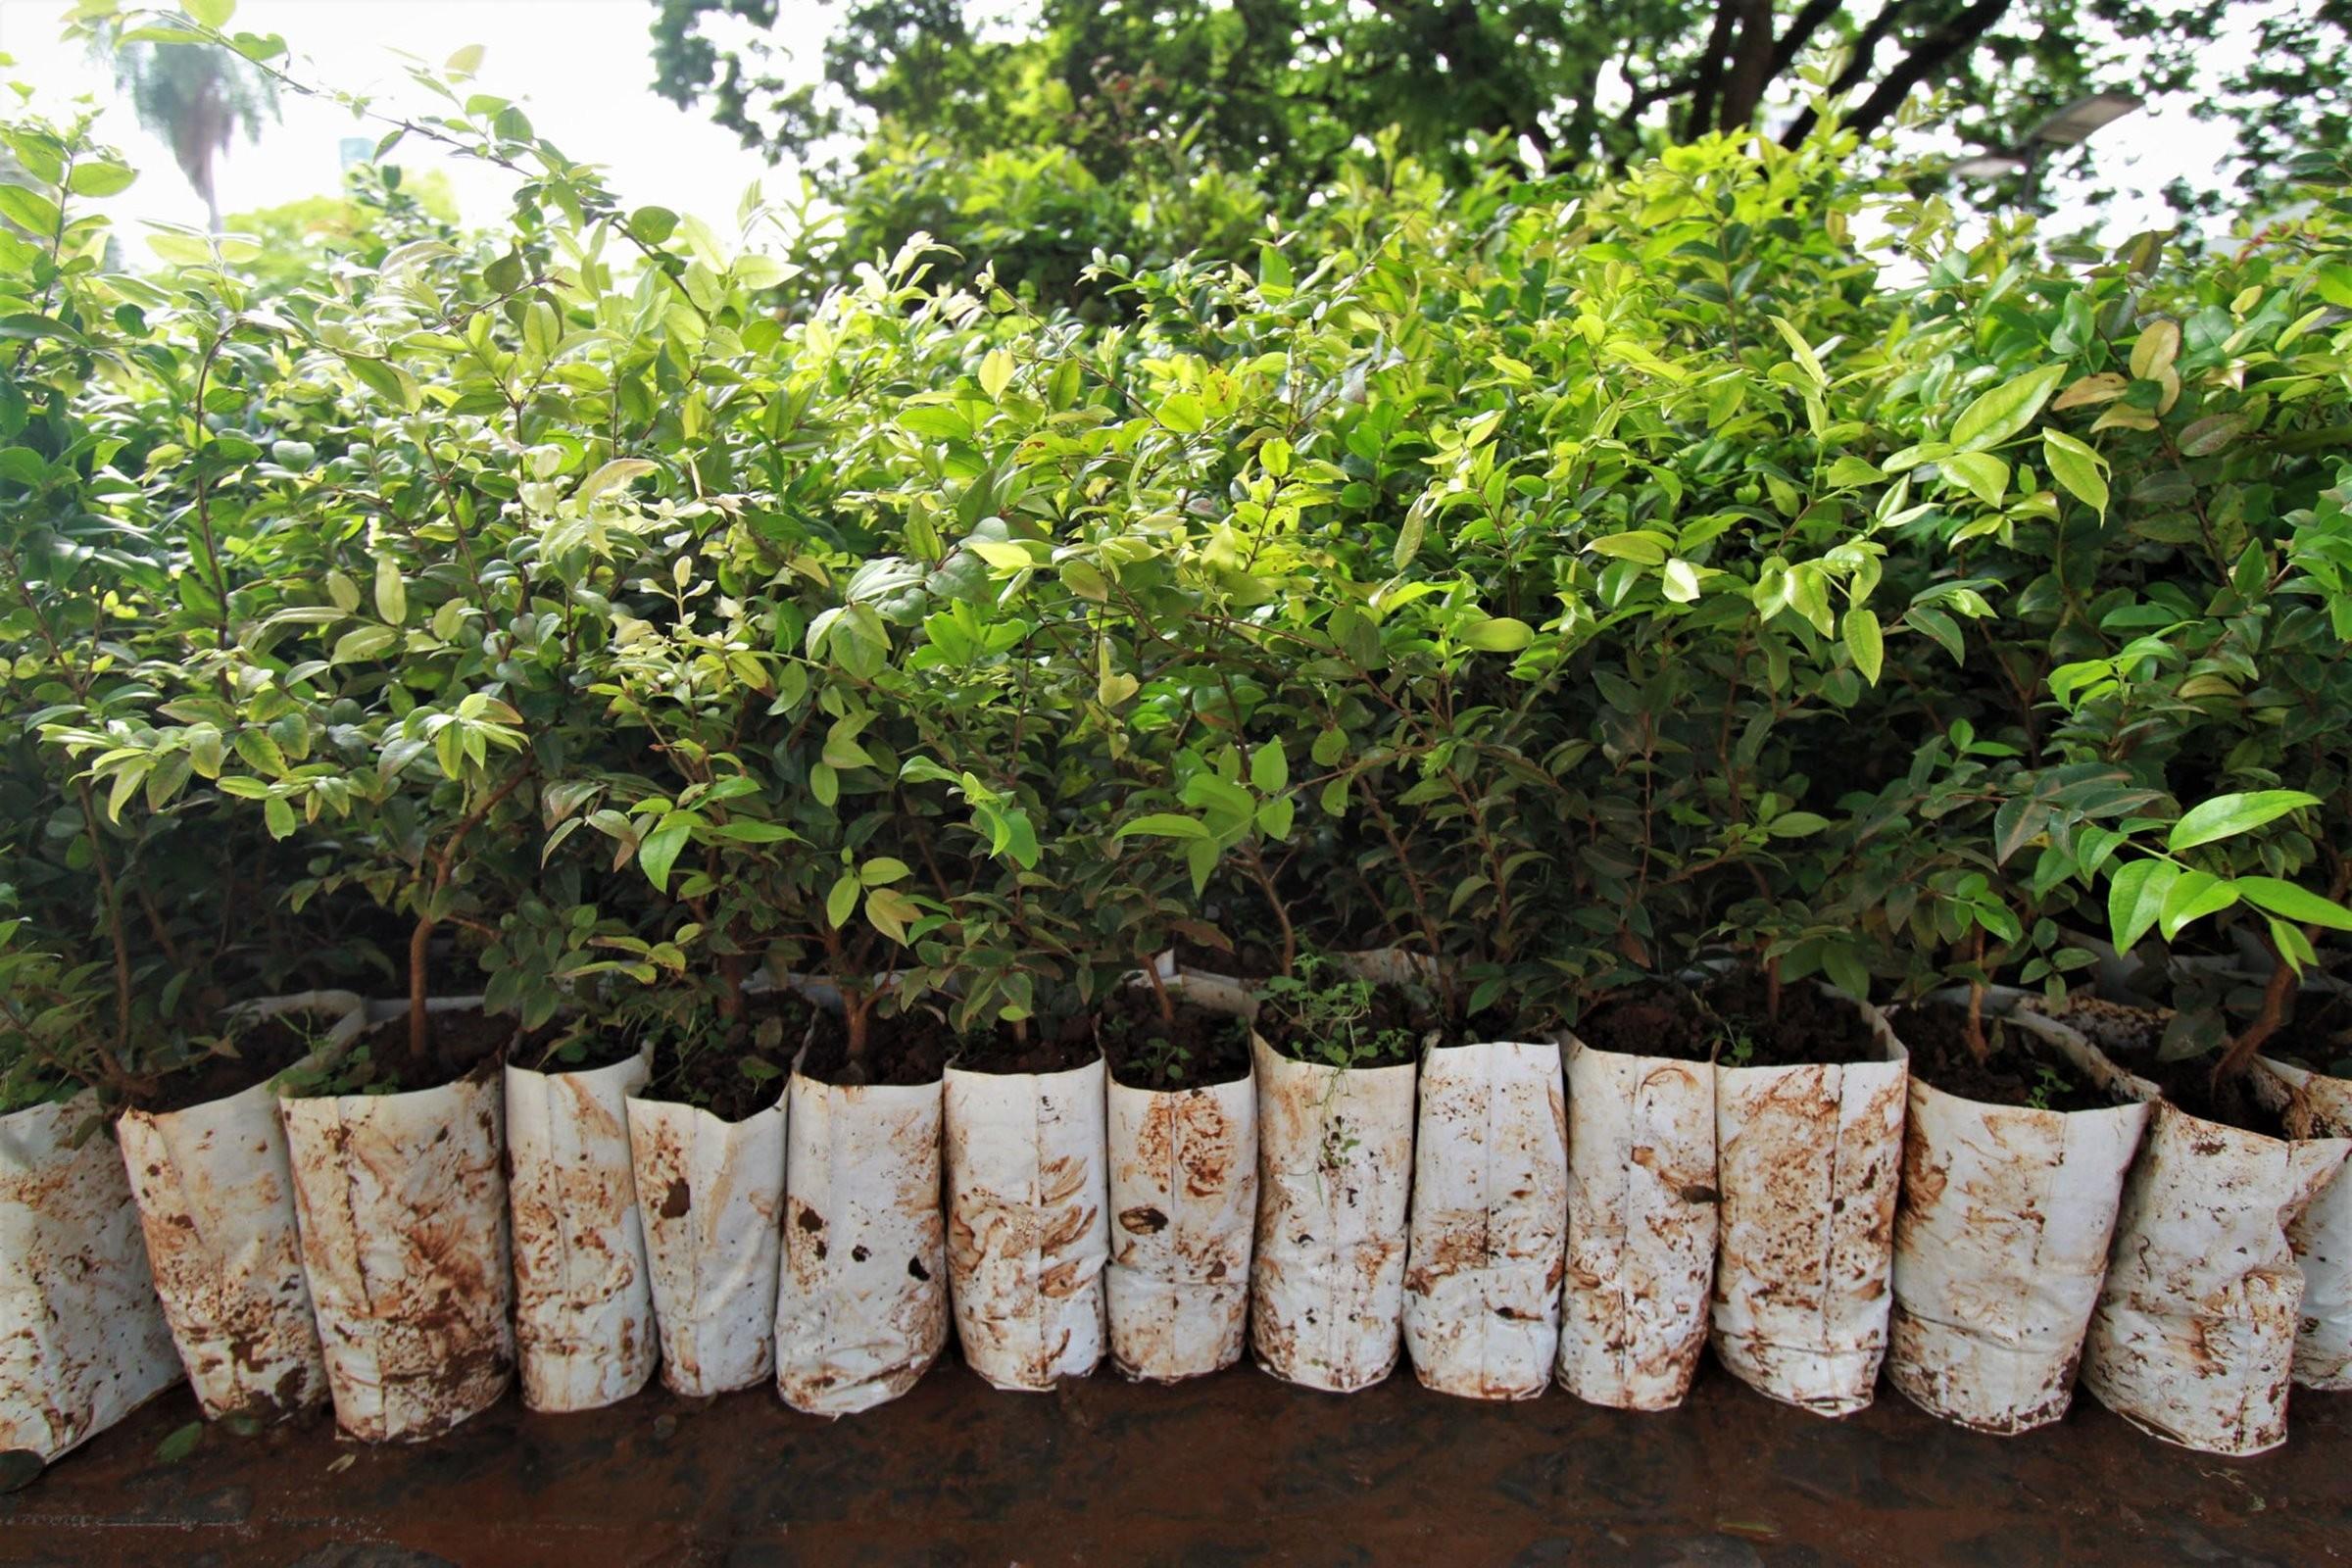 Mudas de árvore para plantio em casa podem ser solicitadas na Prefeitura de Carmo do Cajuru